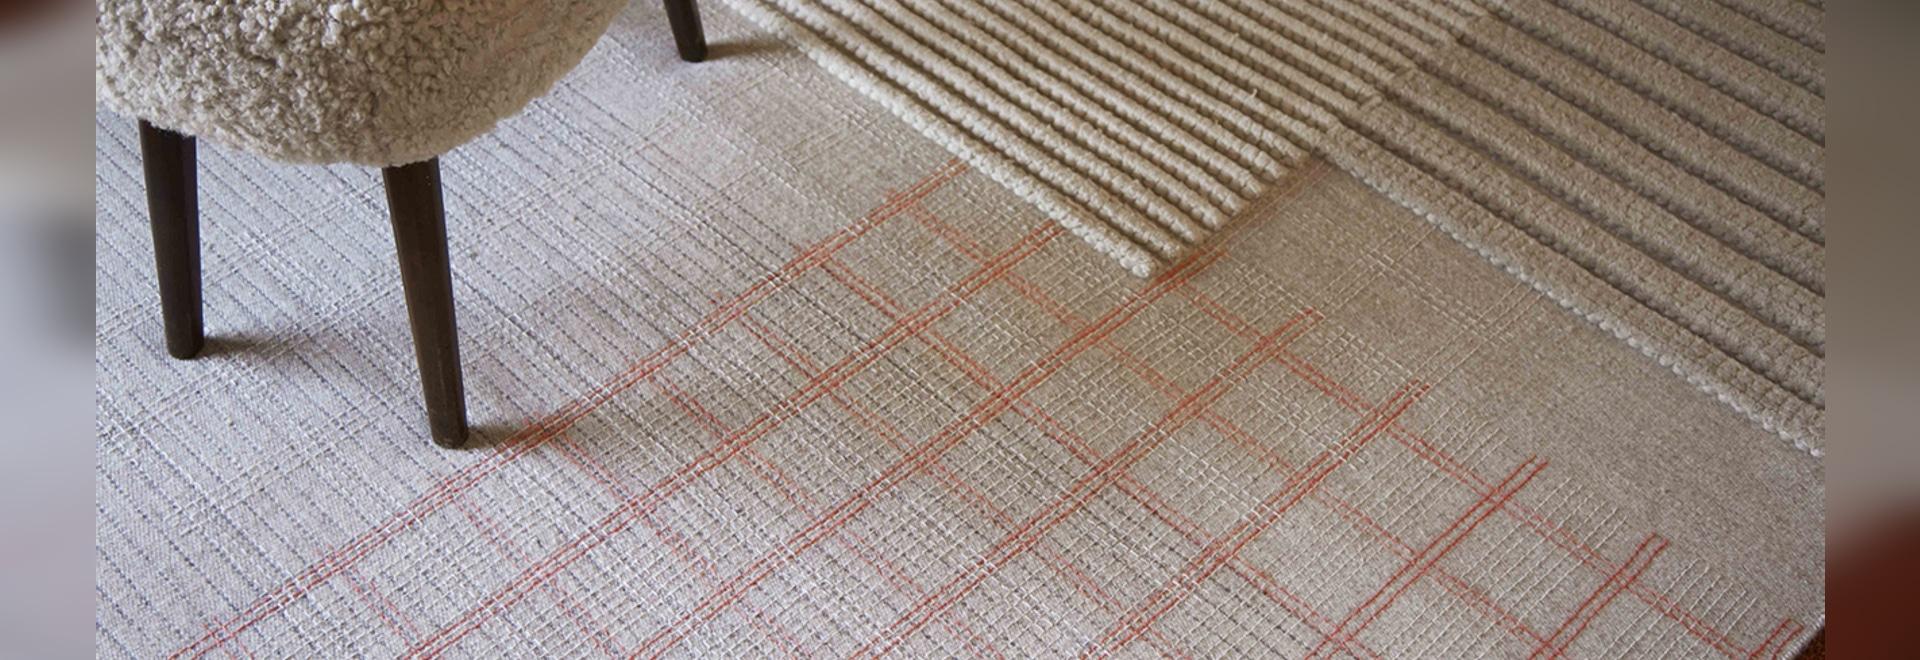 La belleza calmante de las alfombras LAN NATURAL